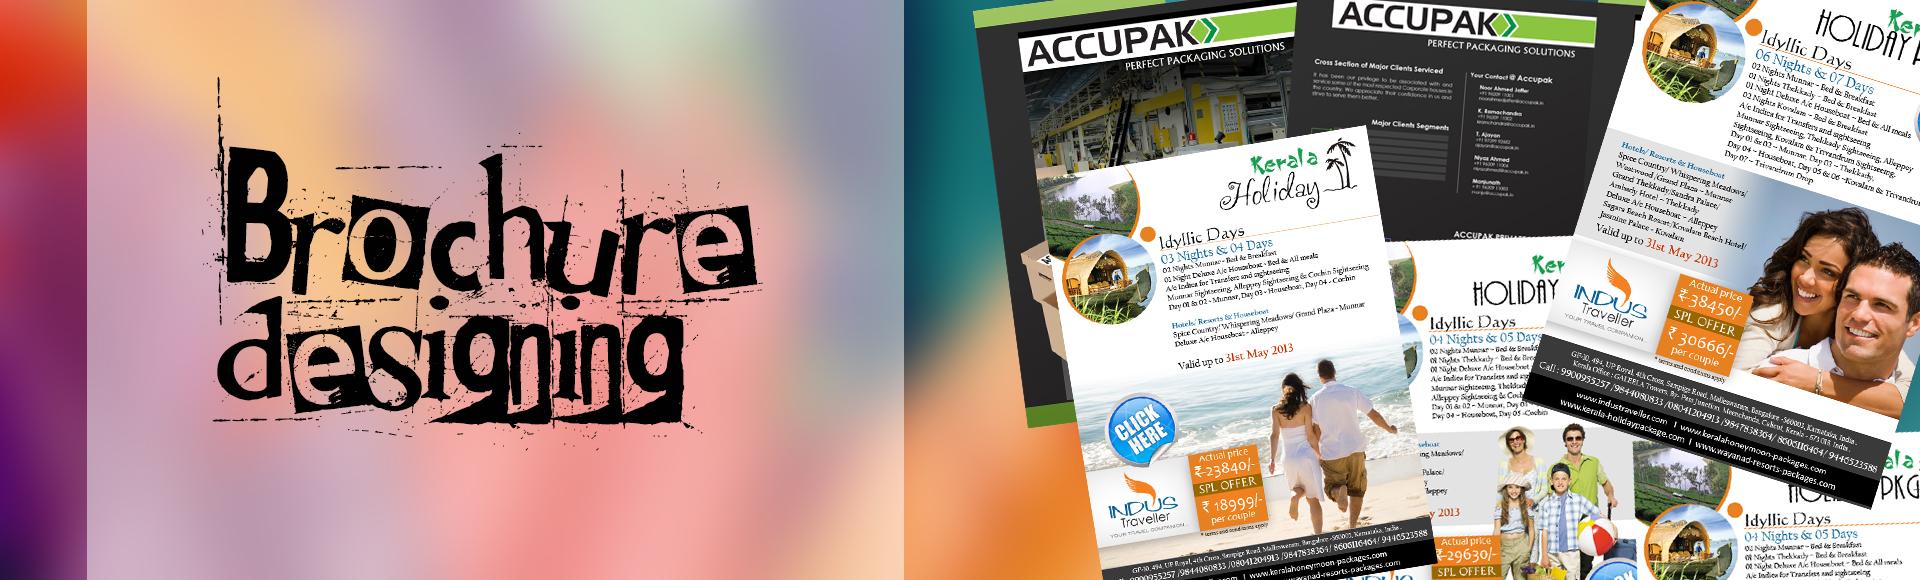 Brochure Designi